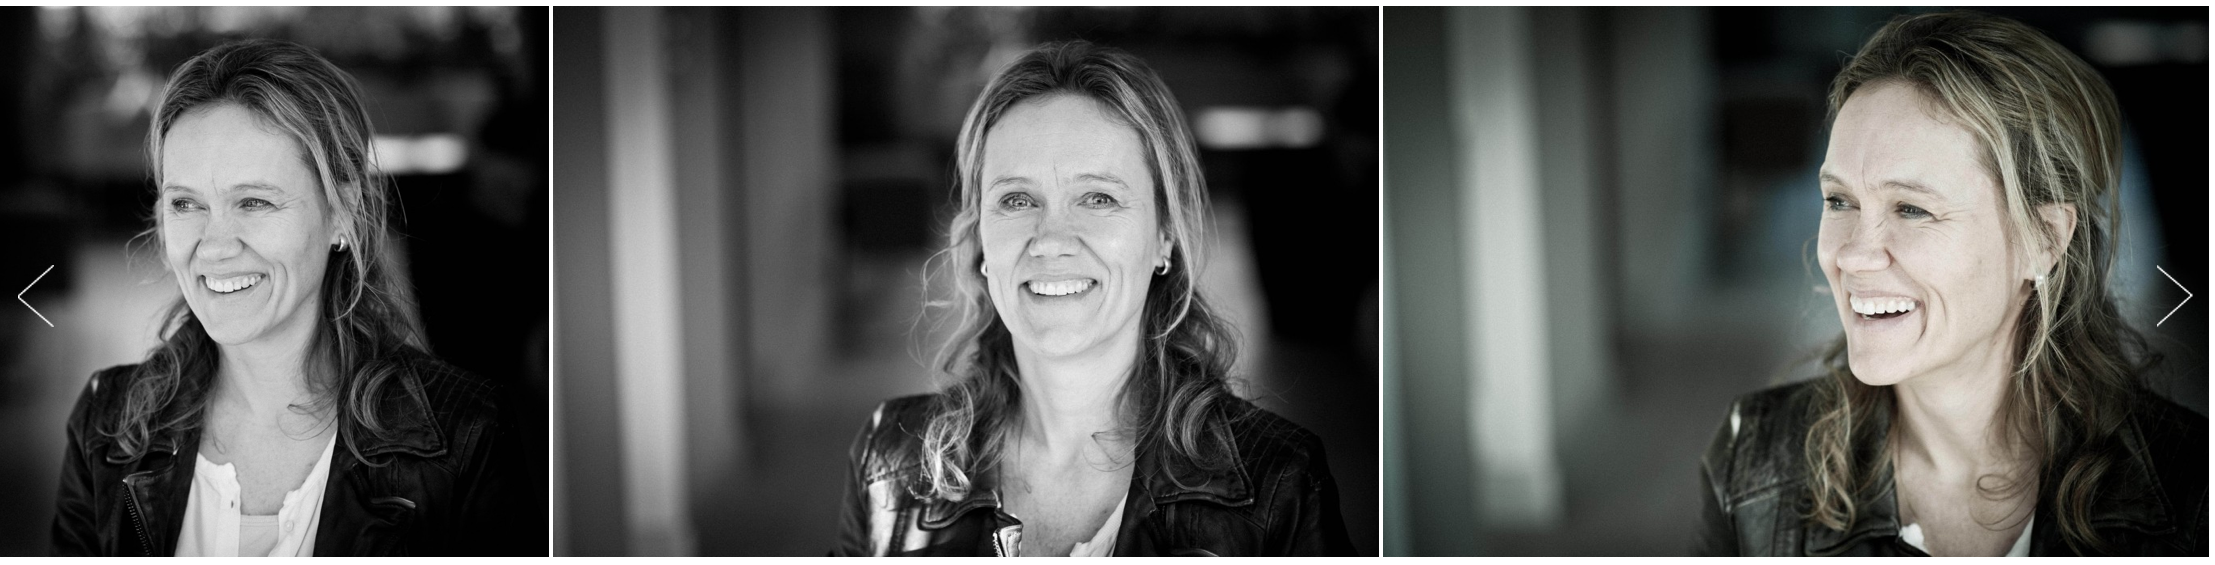 Profielshoot met Jacqueline van Onzenoort